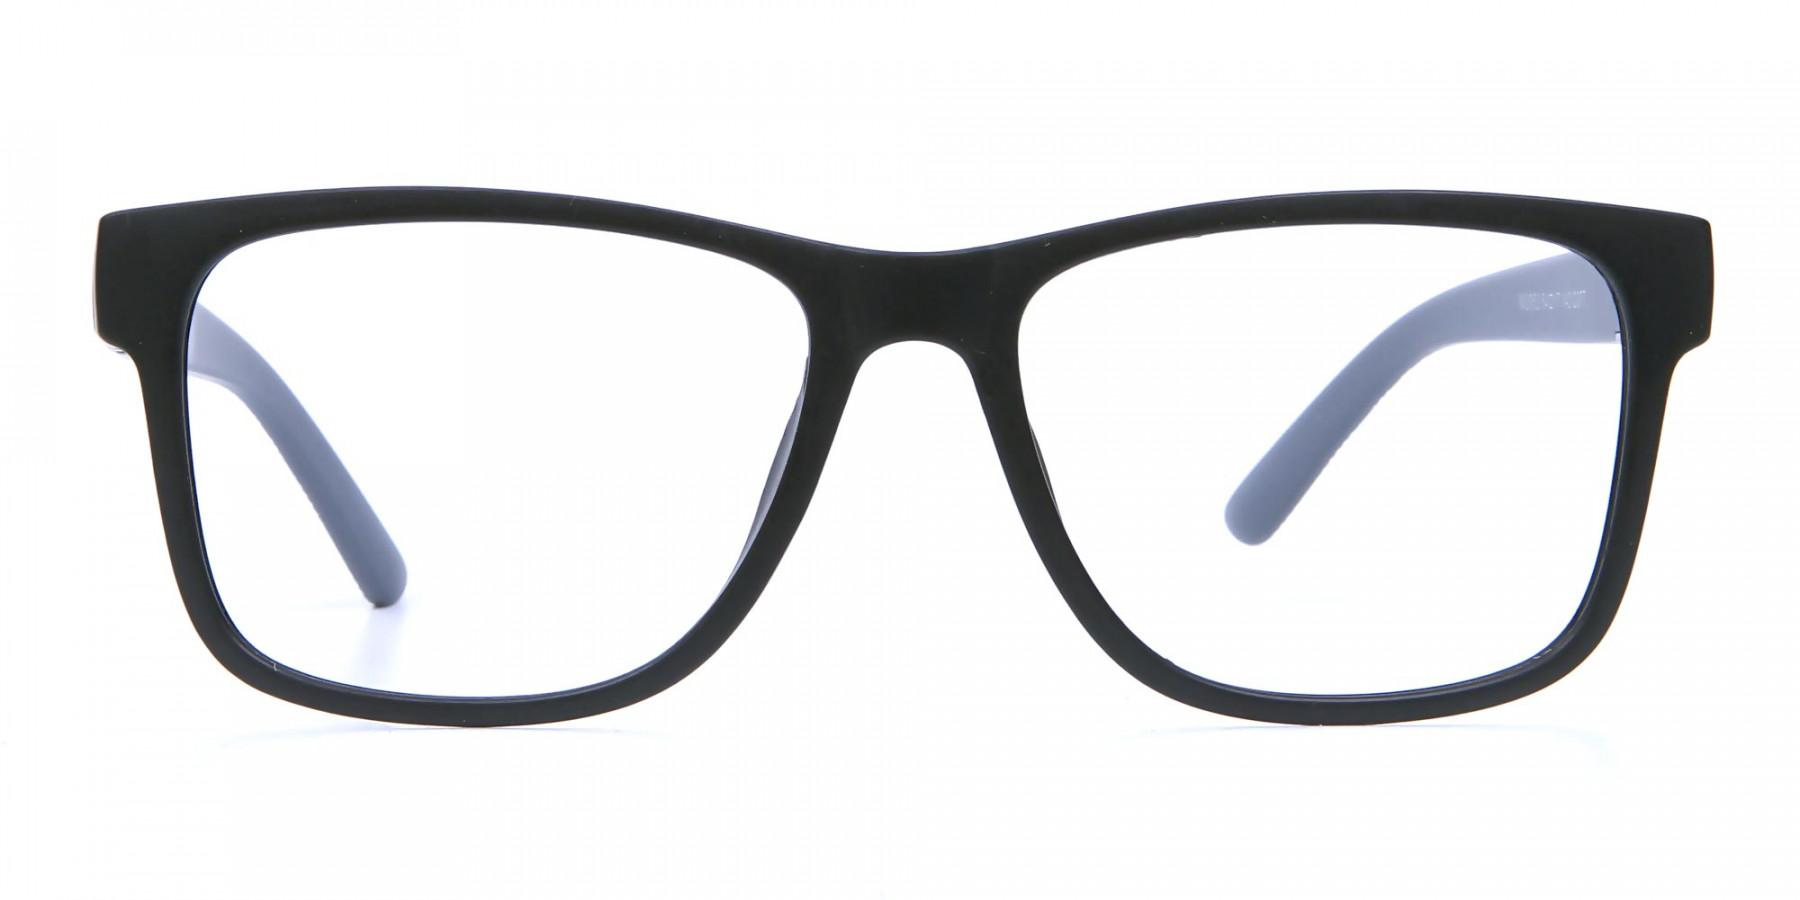 Subtle Style of Eyeglasses